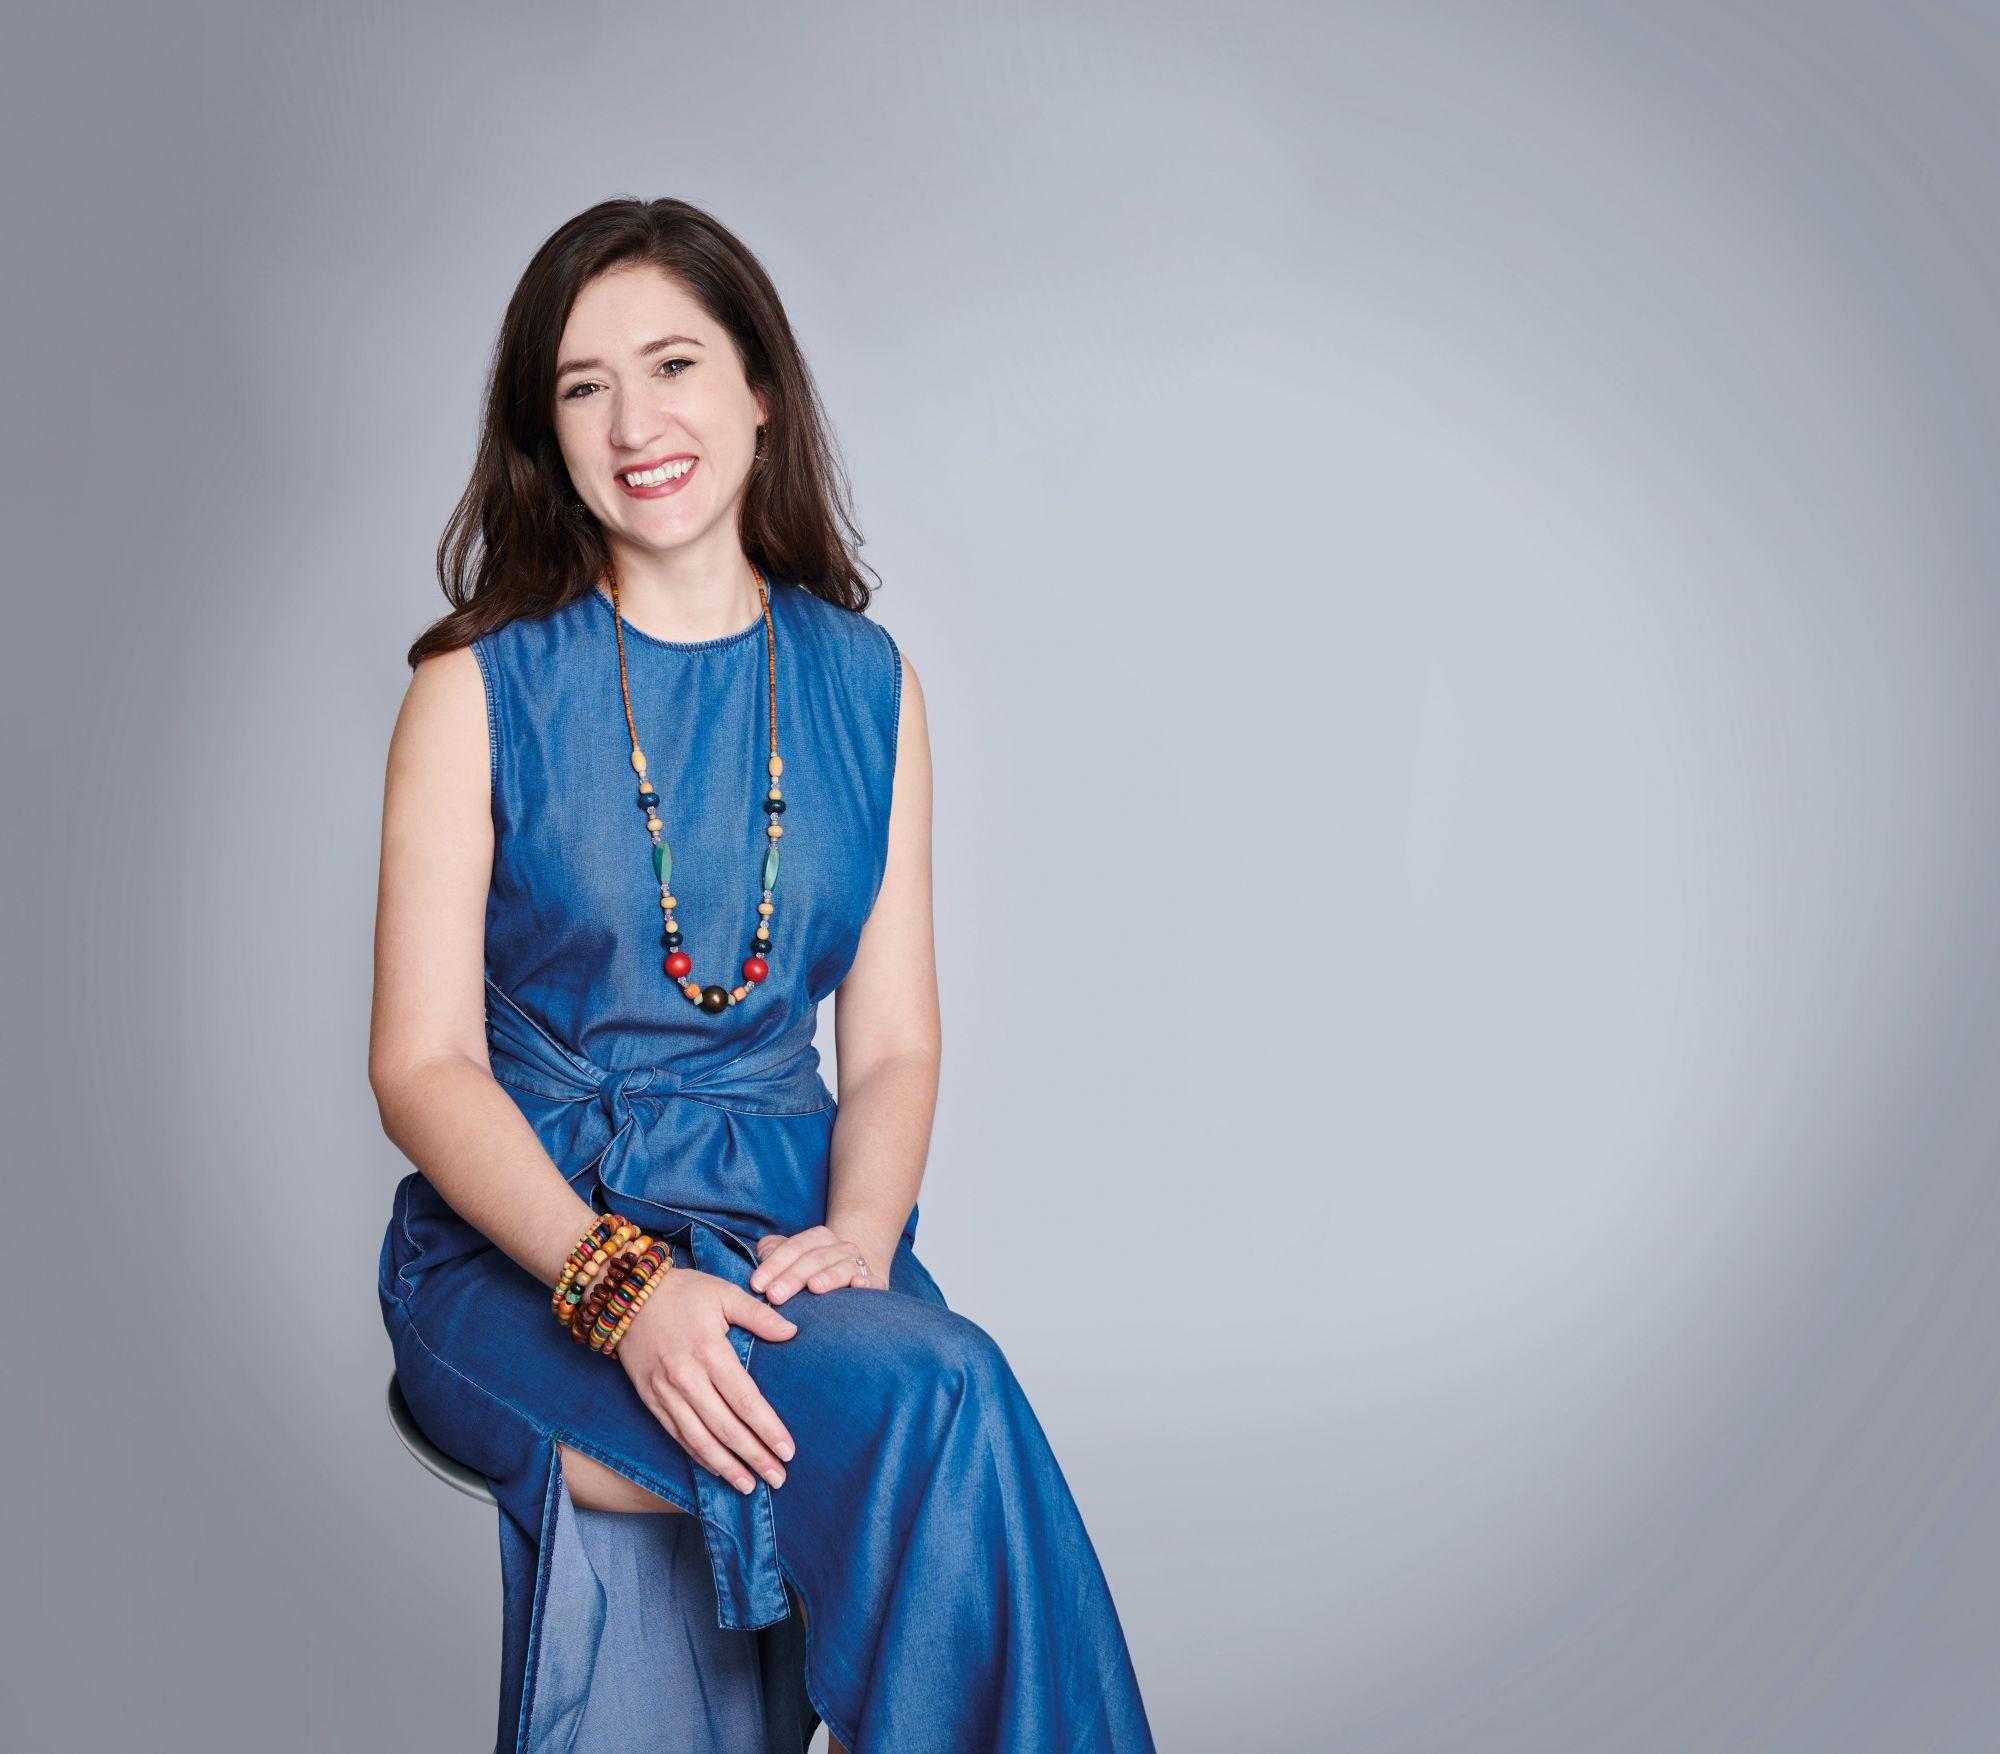 Victoria Wisniewski Otero